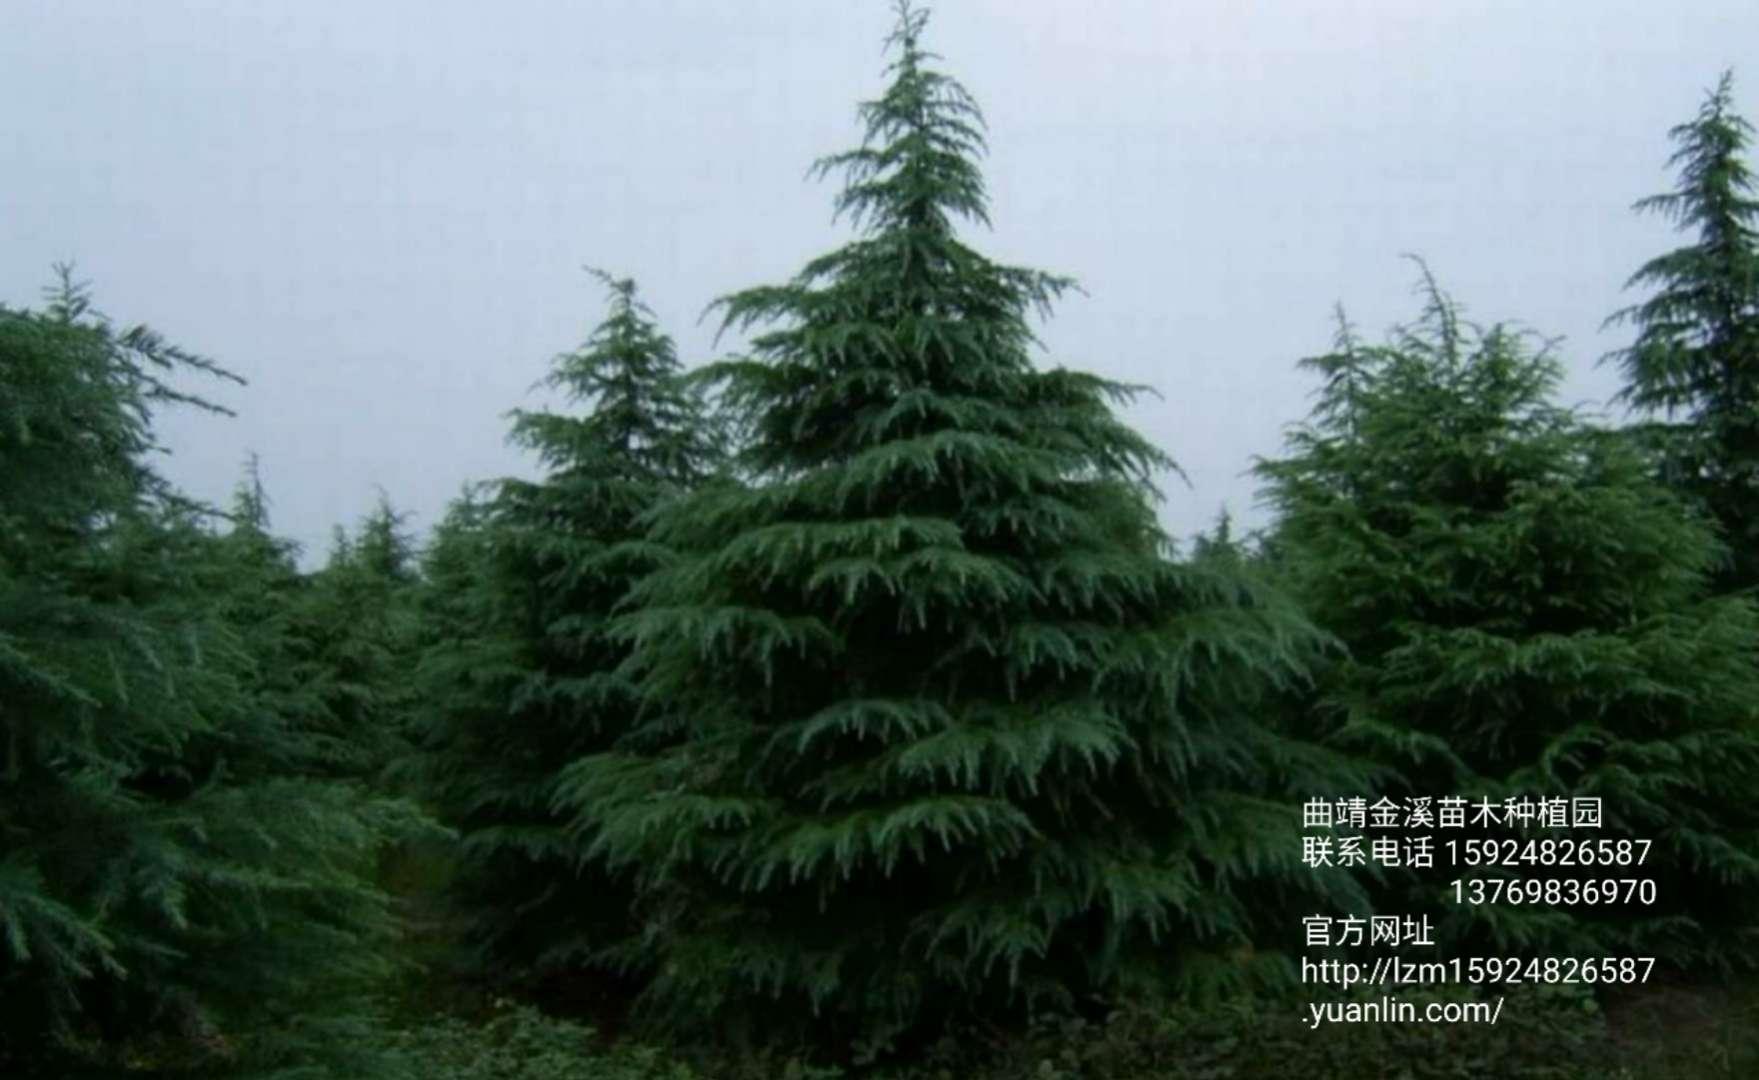 曲靖金溪苗木种植园